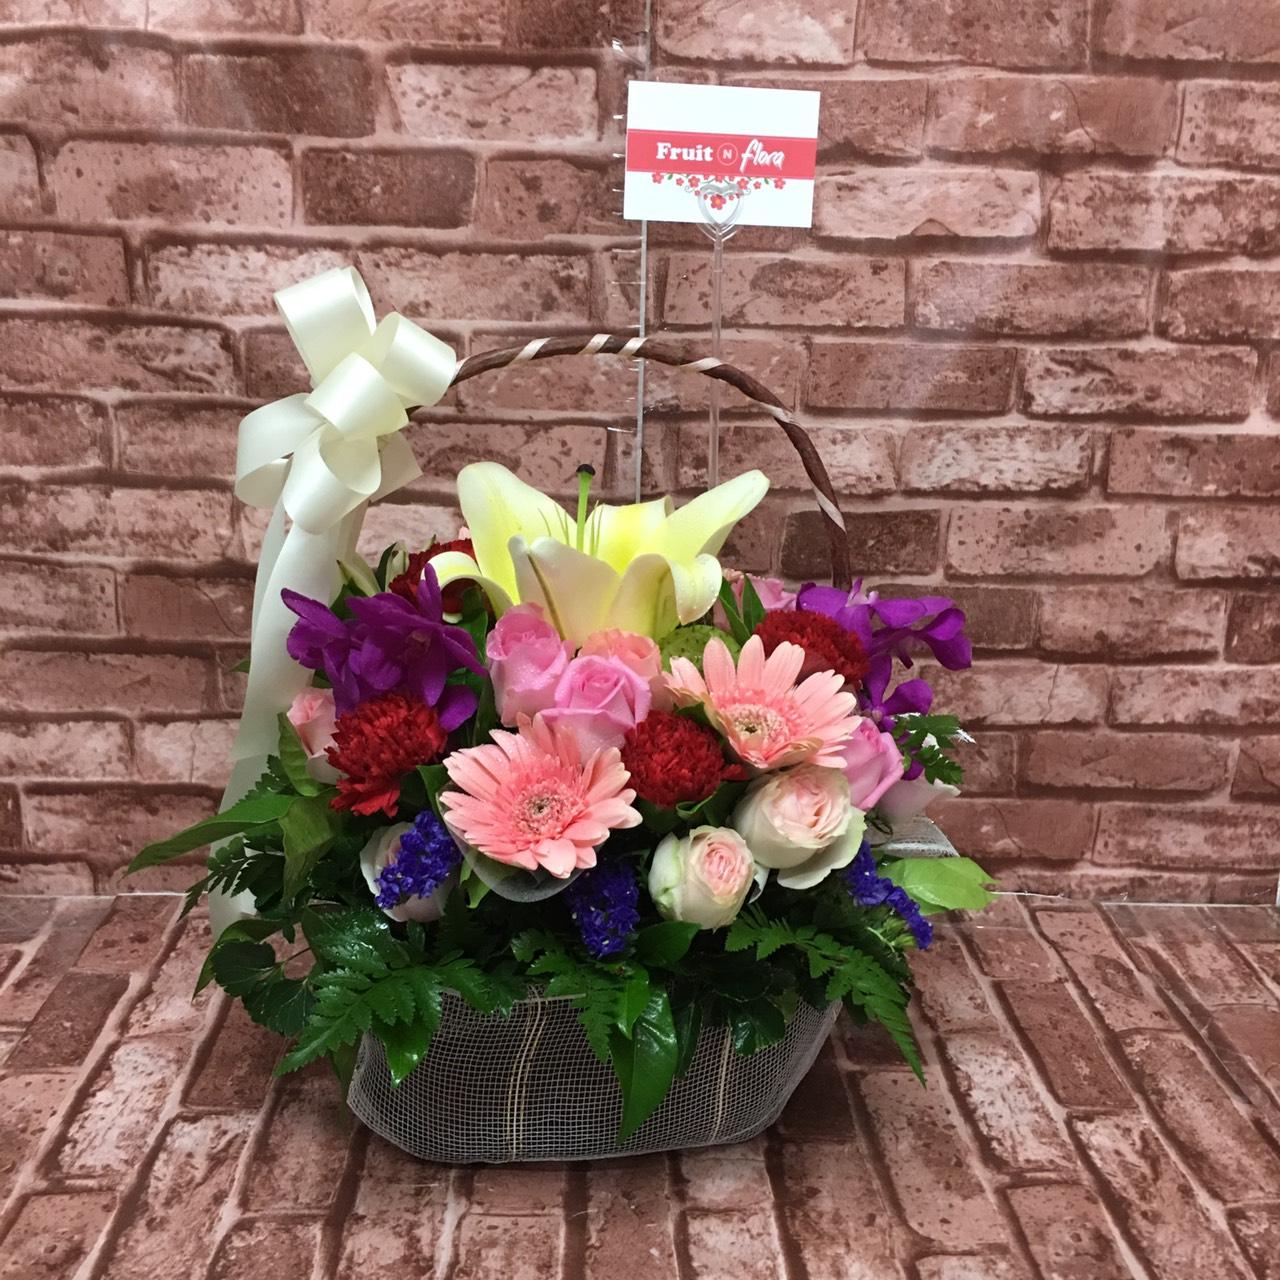 กระเช้าดอกไม้ที่ถูกใจใคร ๆ เพราะมีสีสันที่แสนสดใสและหลากหลาย